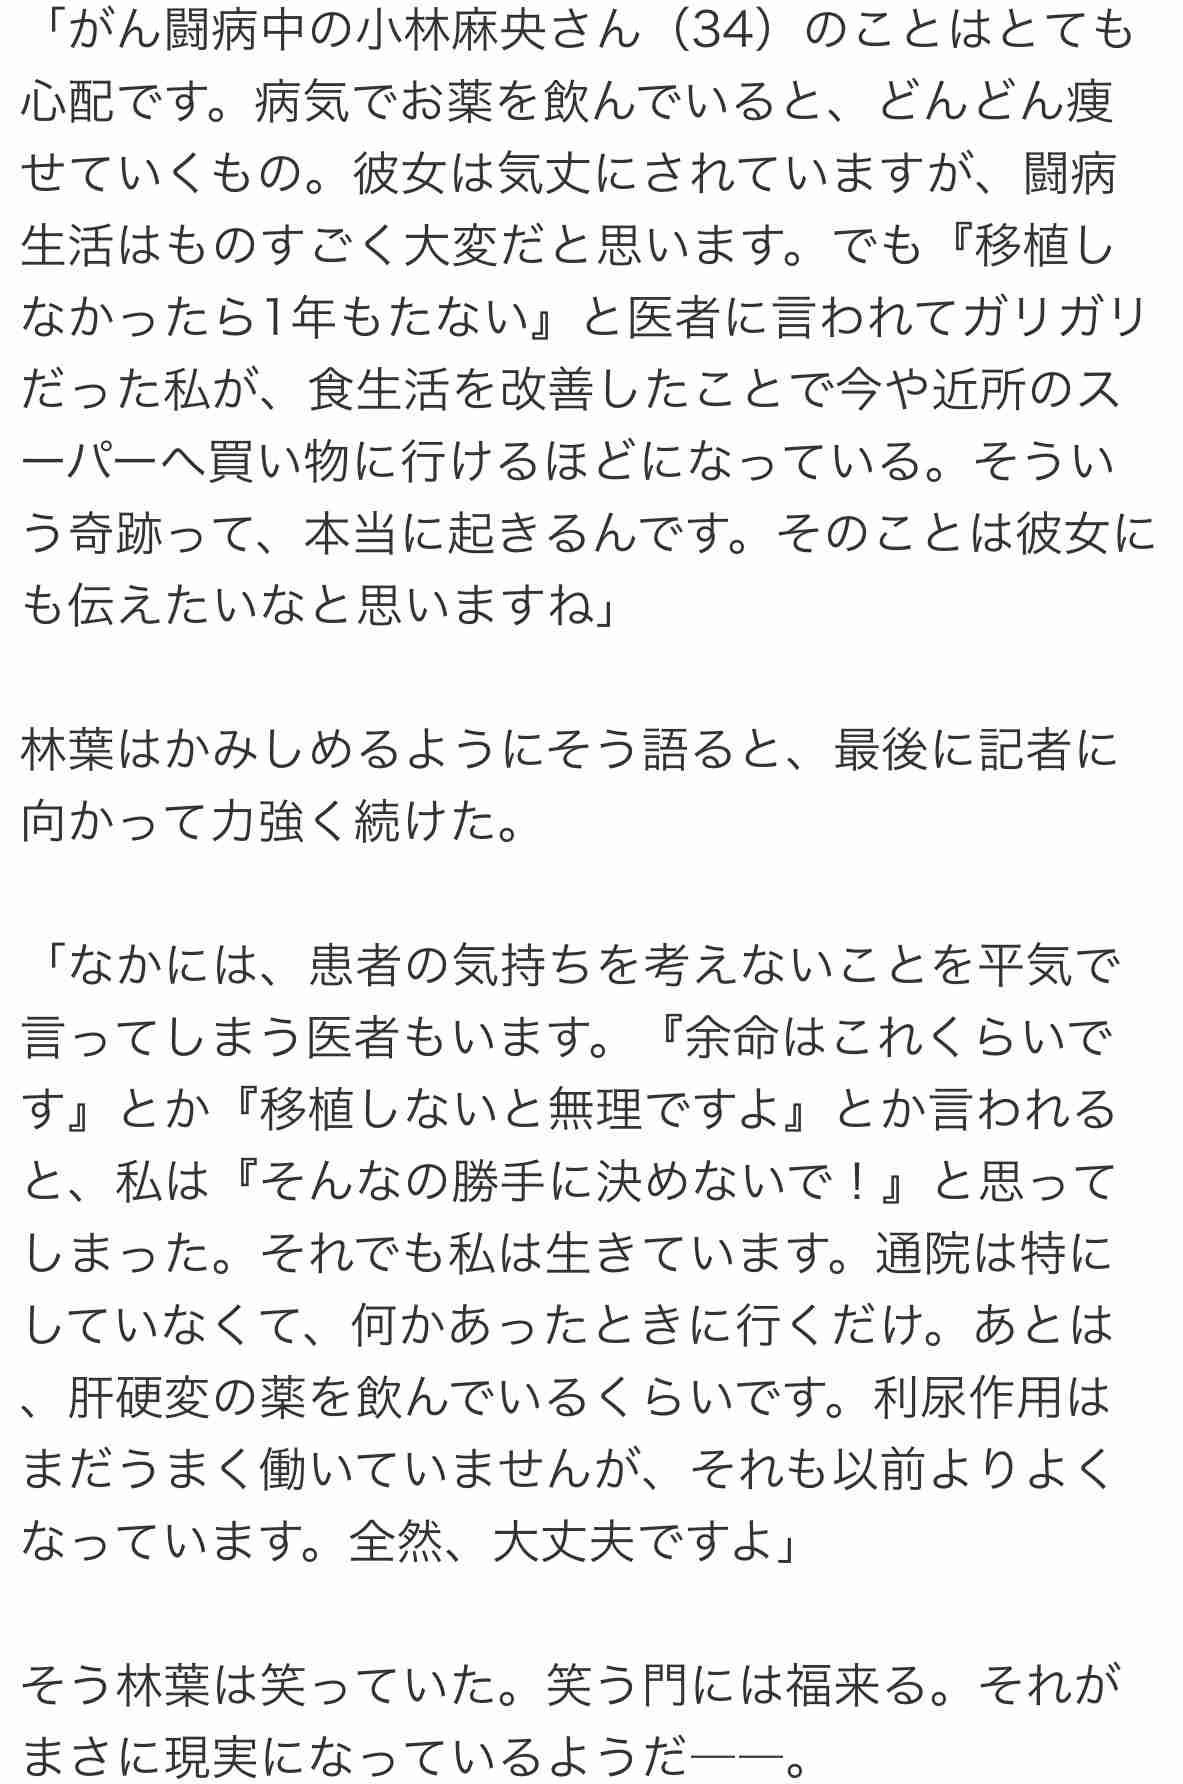 「西川先生急激に老けてない? 顔色悪いし…病気?」心配の声多数